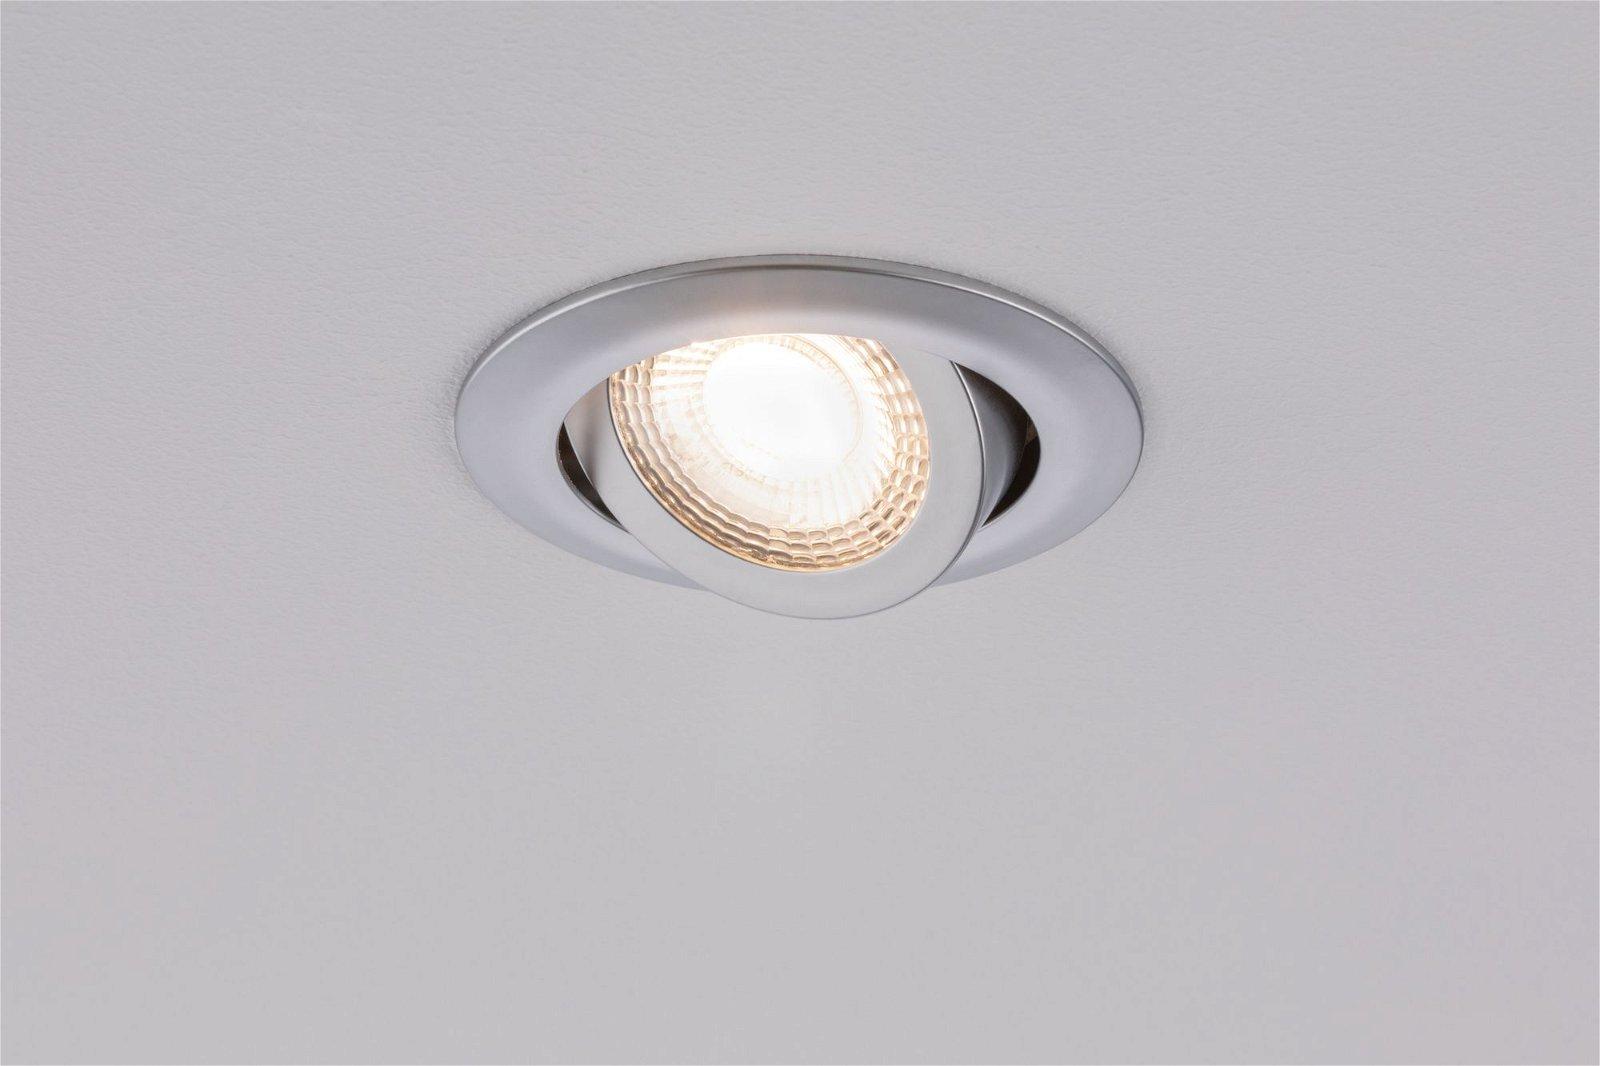 LED Einbauleuchte schwenkbar rund 82mm 70° 3x6W 3x550lm 230V 3000K Chrom matt